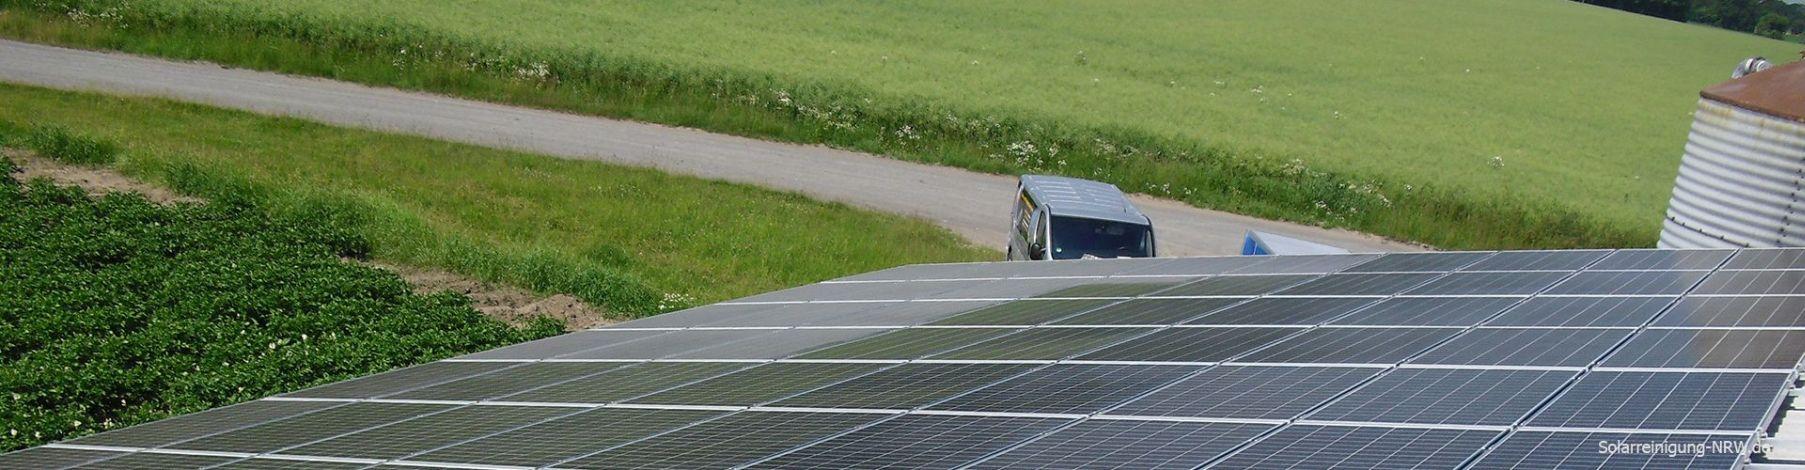 Solarreinigung NRW – Solarreinigung Nordrheinwestfalen